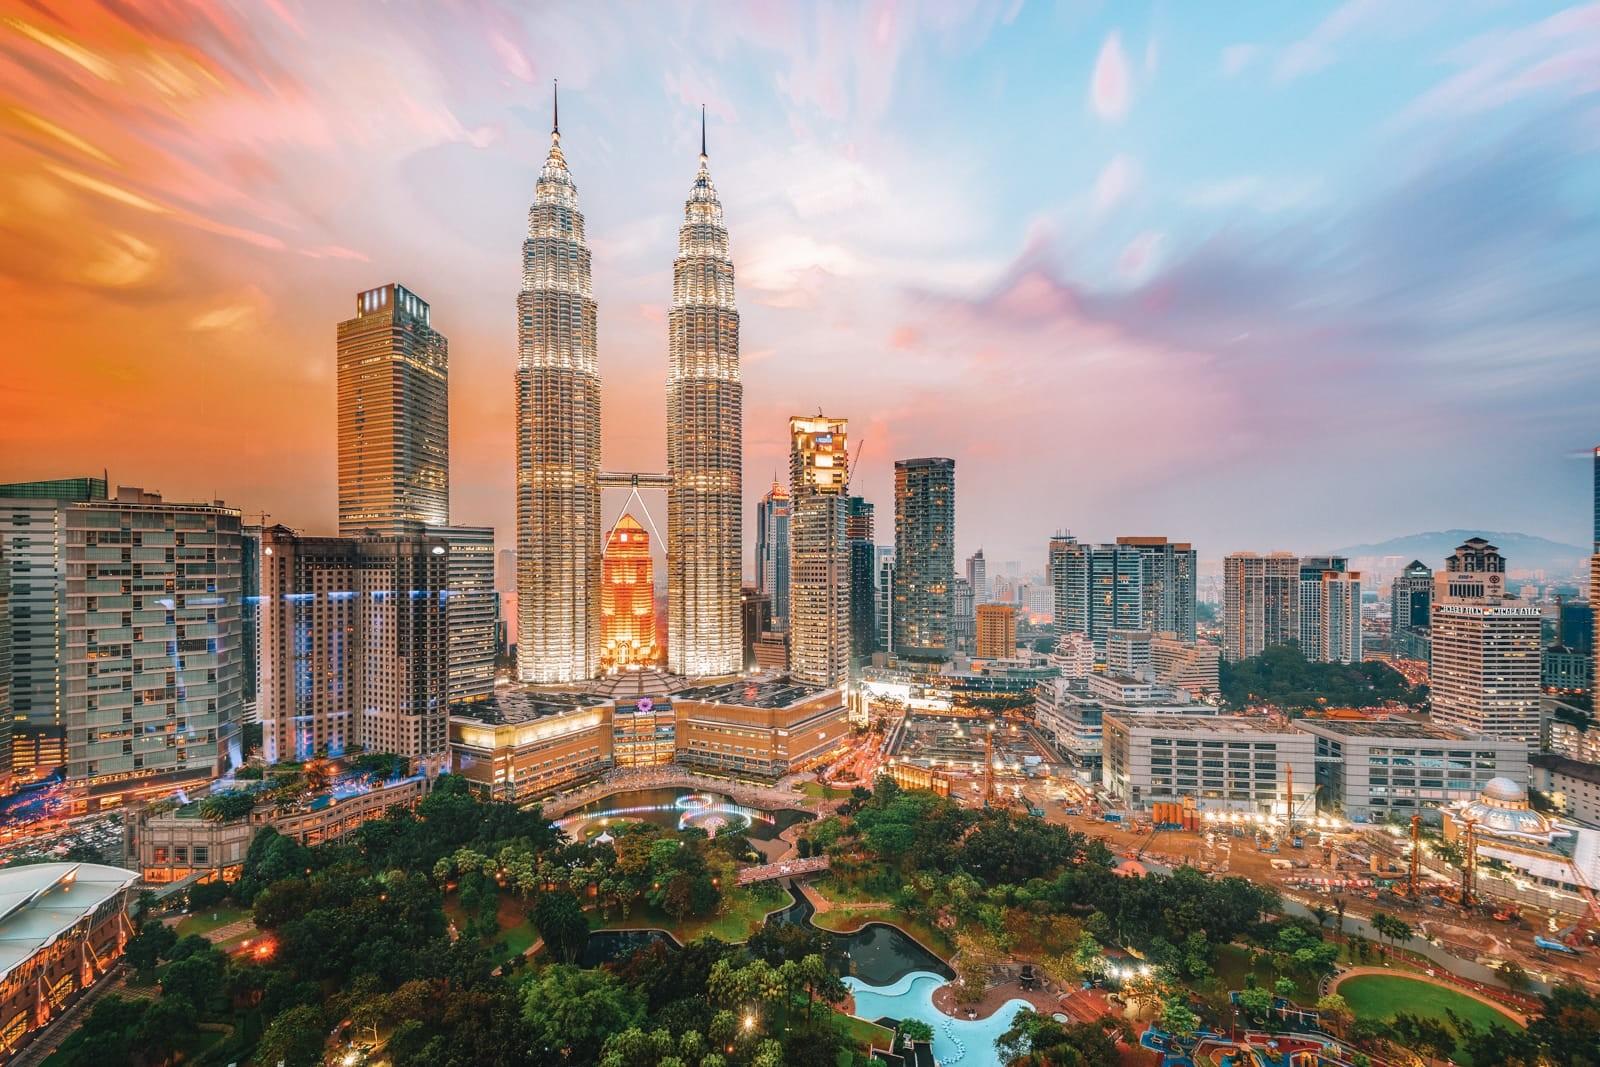 تجربه های غیر توریستی در مالزی ؛ کوالالامپور